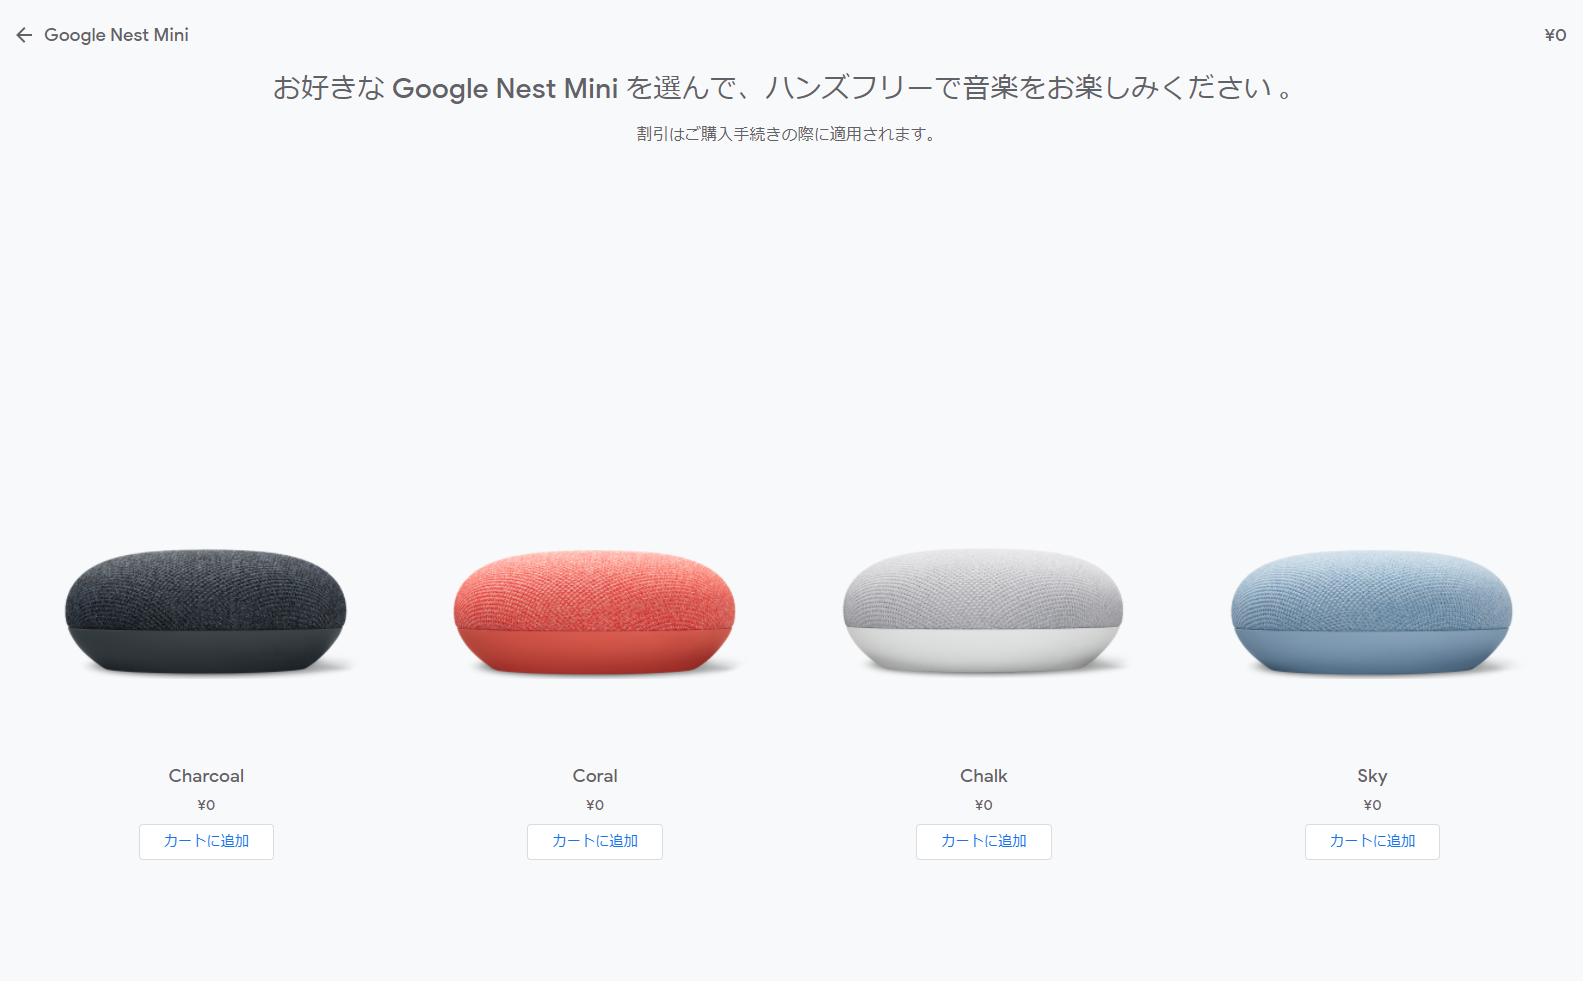 YouTube 有料プランを契約していれば、Google Nest miniが無料になるクーポン配布中